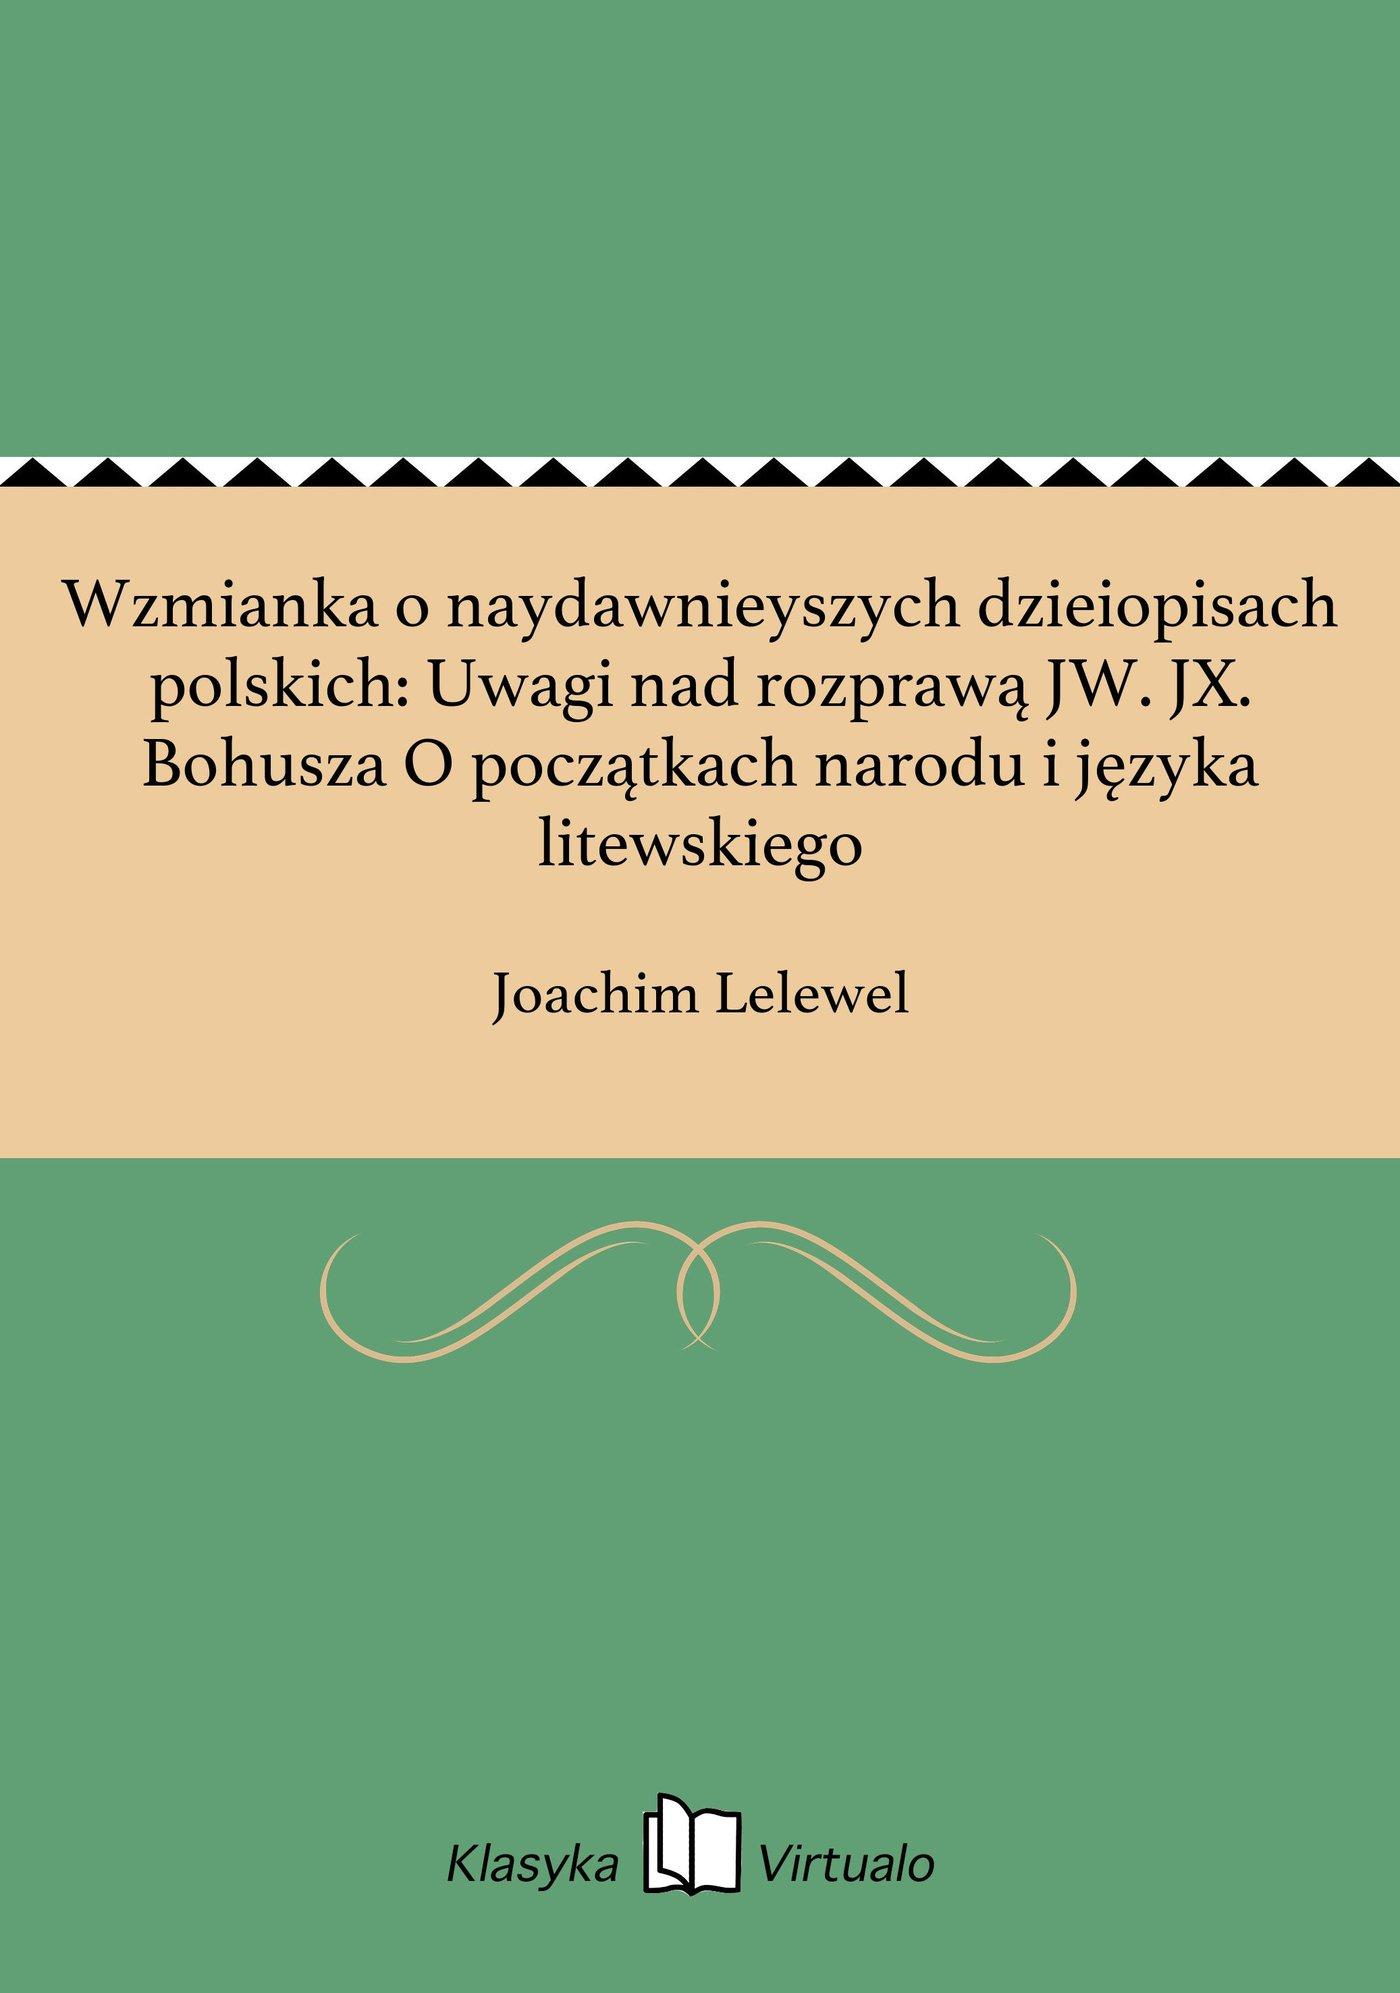 Wzmianka o naydawnieyszych dzieiopisach polskich: Uwagi nad rozprawą JW. JX. Bohusza O początkach narodu i języka litewskiego - Ebook (Książka na Kindle) do pobrania w formacie MOBI